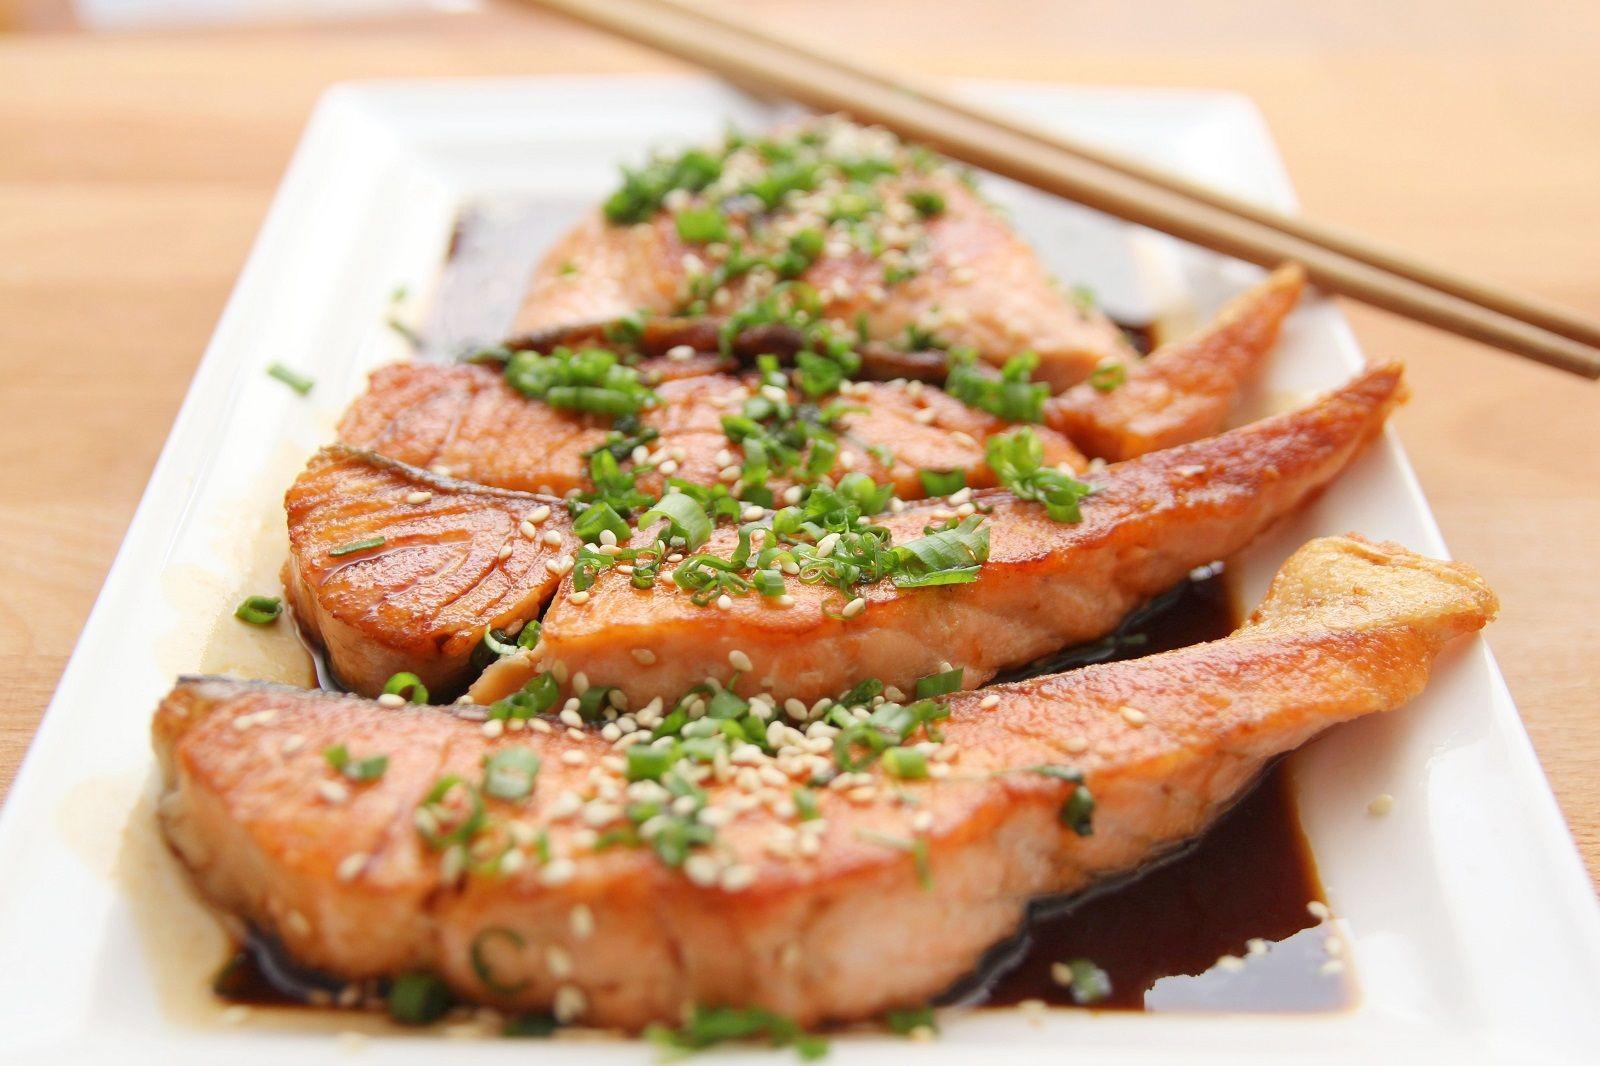 I 5 errori da non fare quando si cucina il pesce al forno